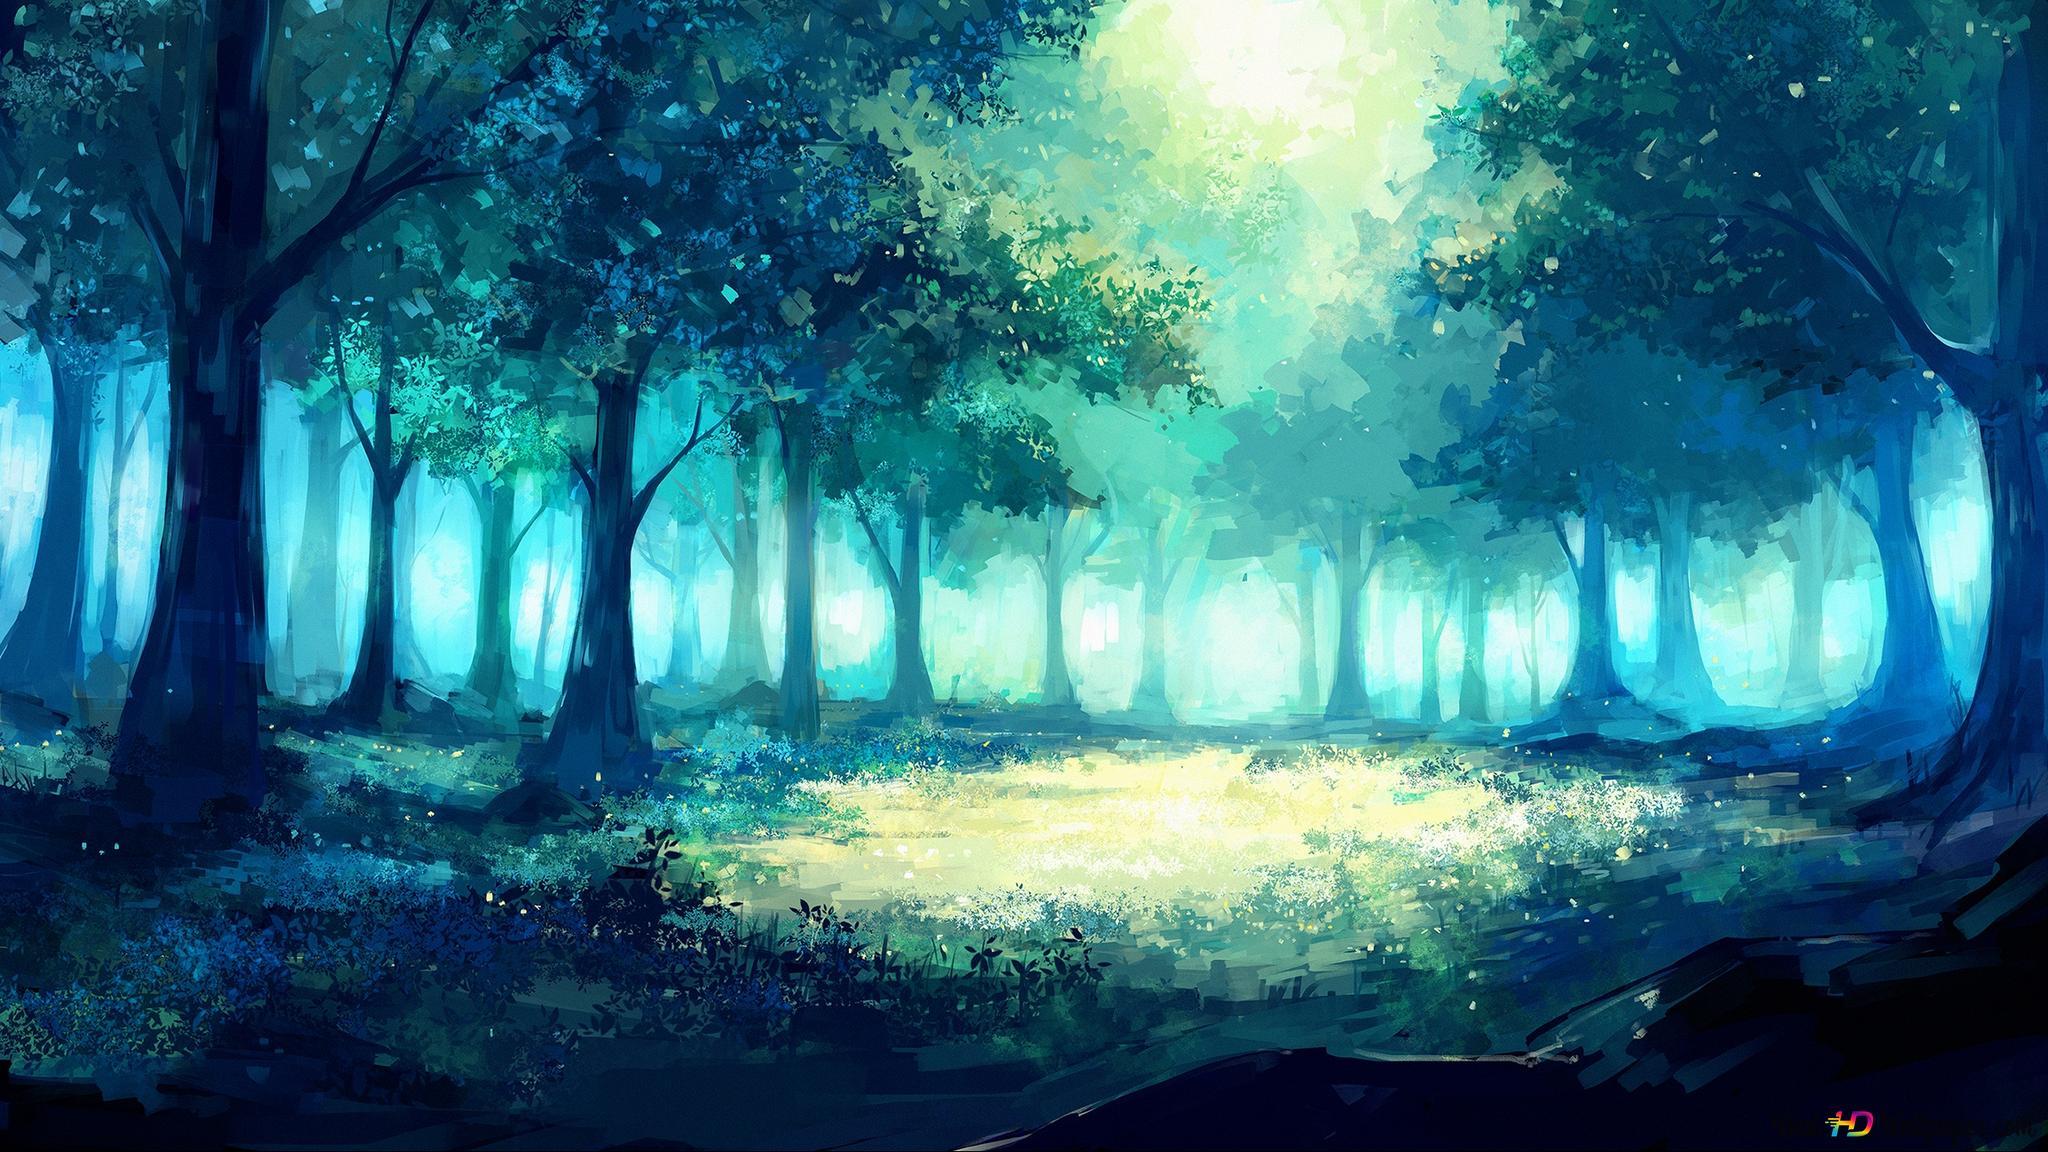 Deep Green Forest Hd Wallpaper Download